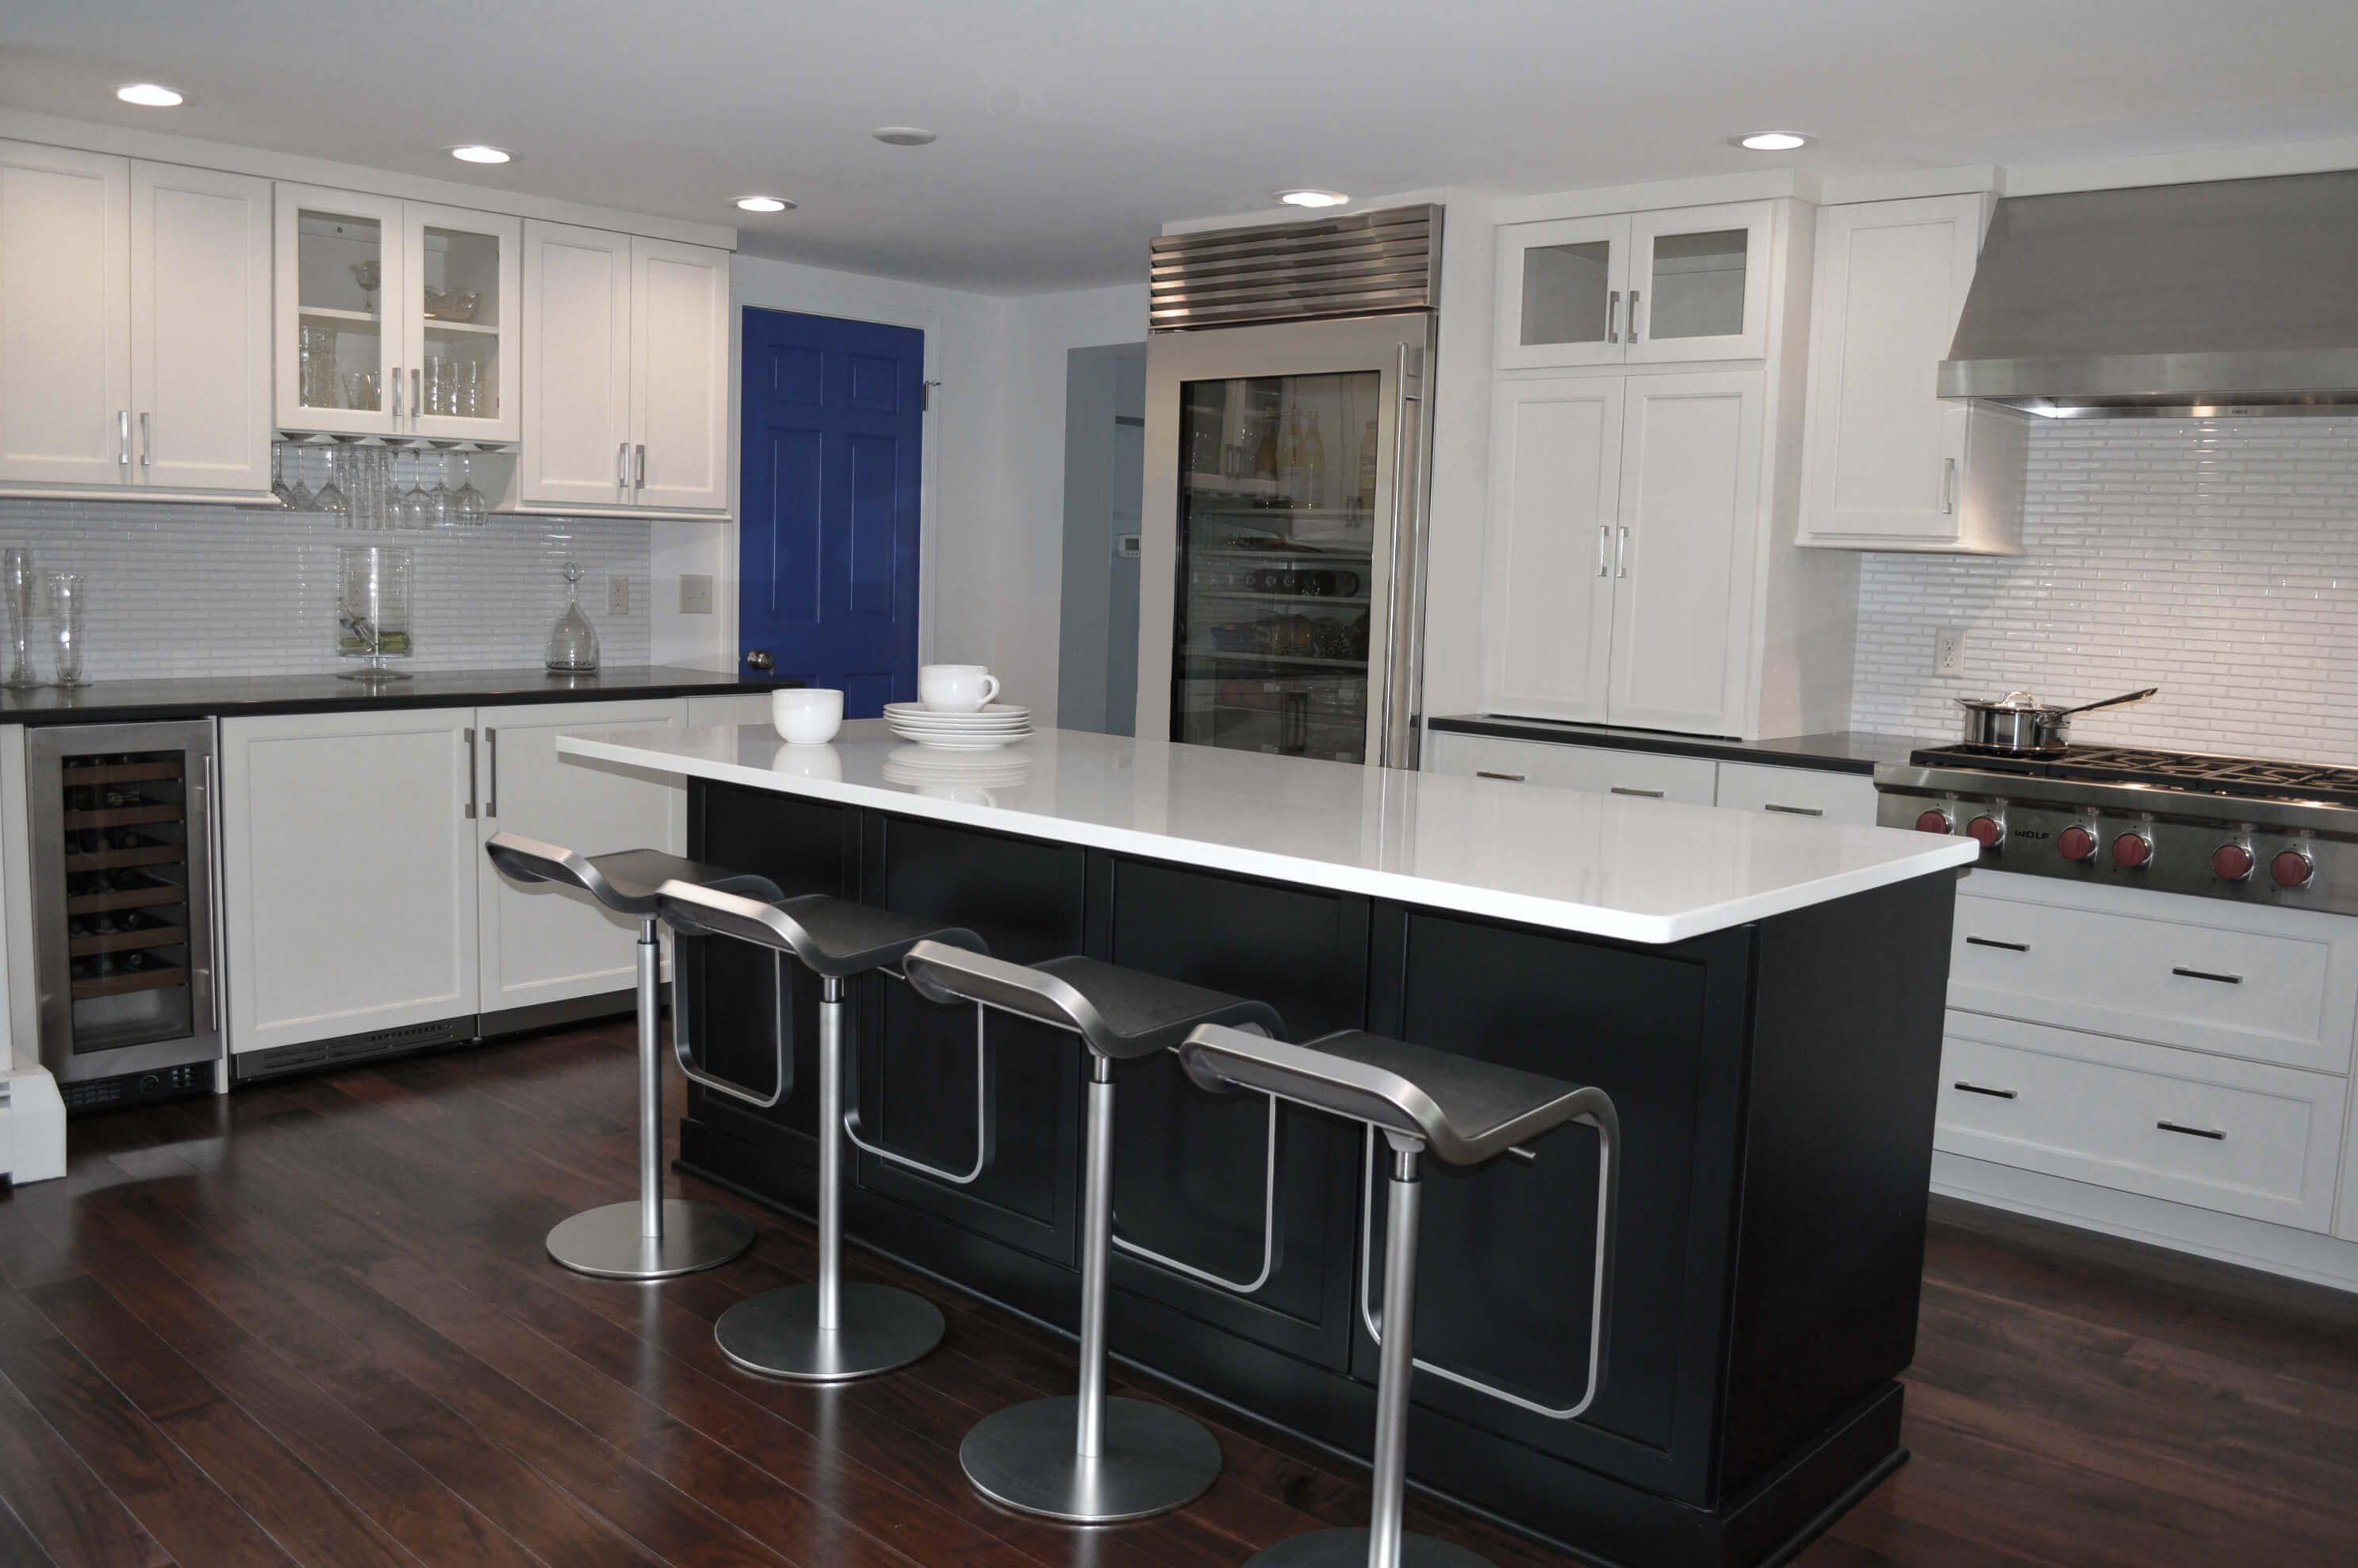 Transitional Kitchen Designs  Kitchen Designs Ideas  Pinterest Amazing Transitional Kitchen Design Design Ideas